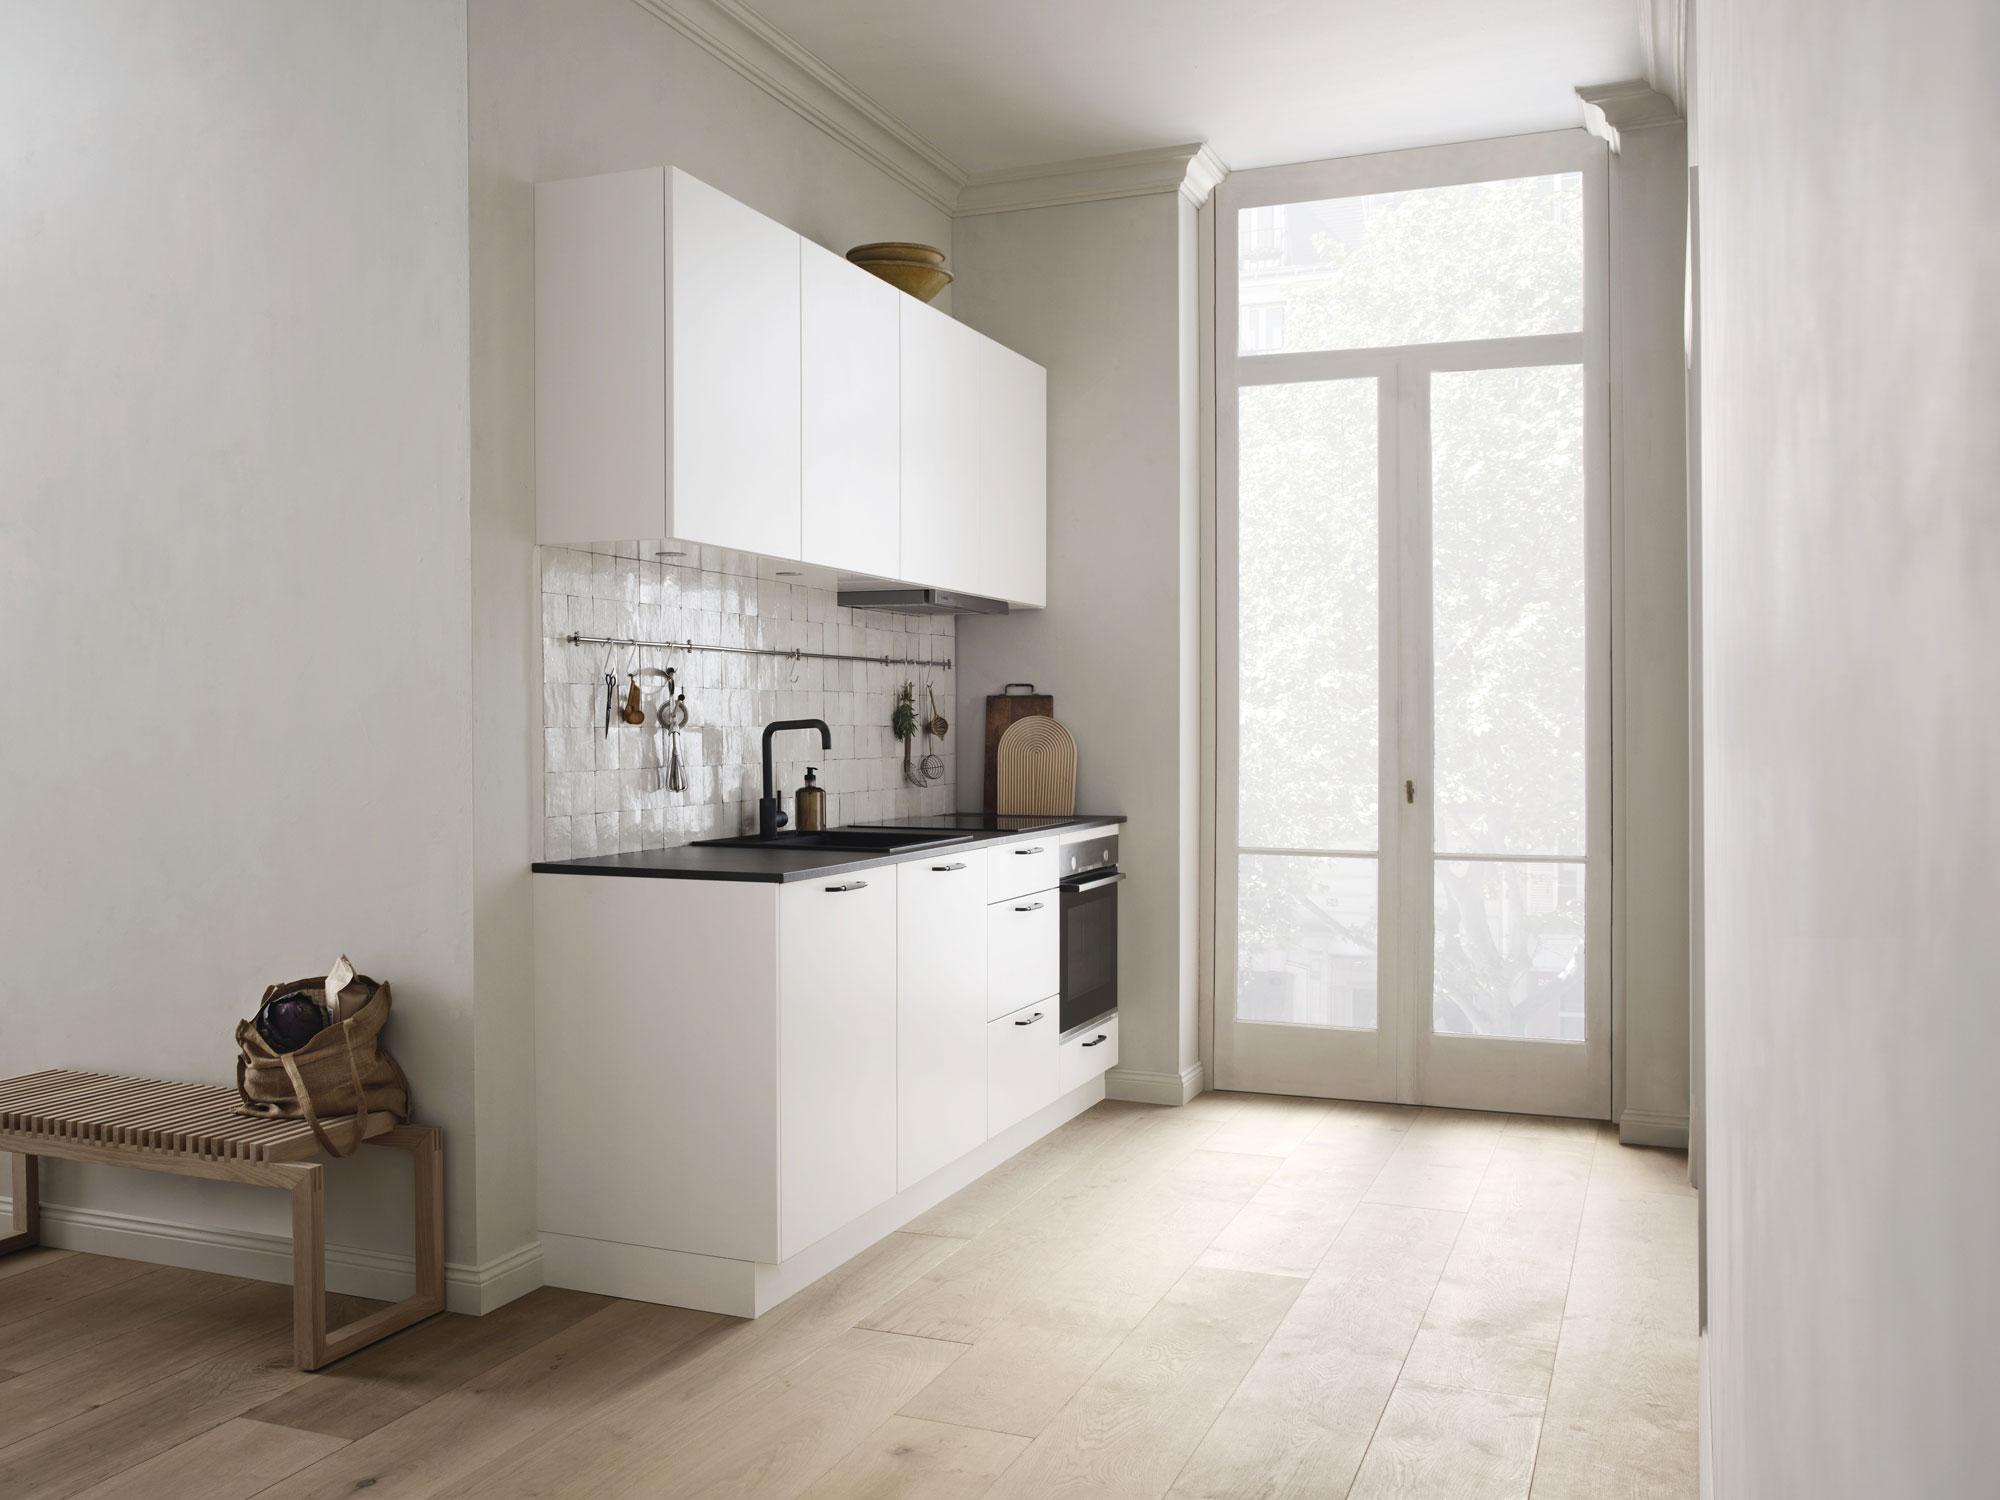 Aménagement Mezzanine Petit Espace batibouw : comment aménager les plus petits espaces?